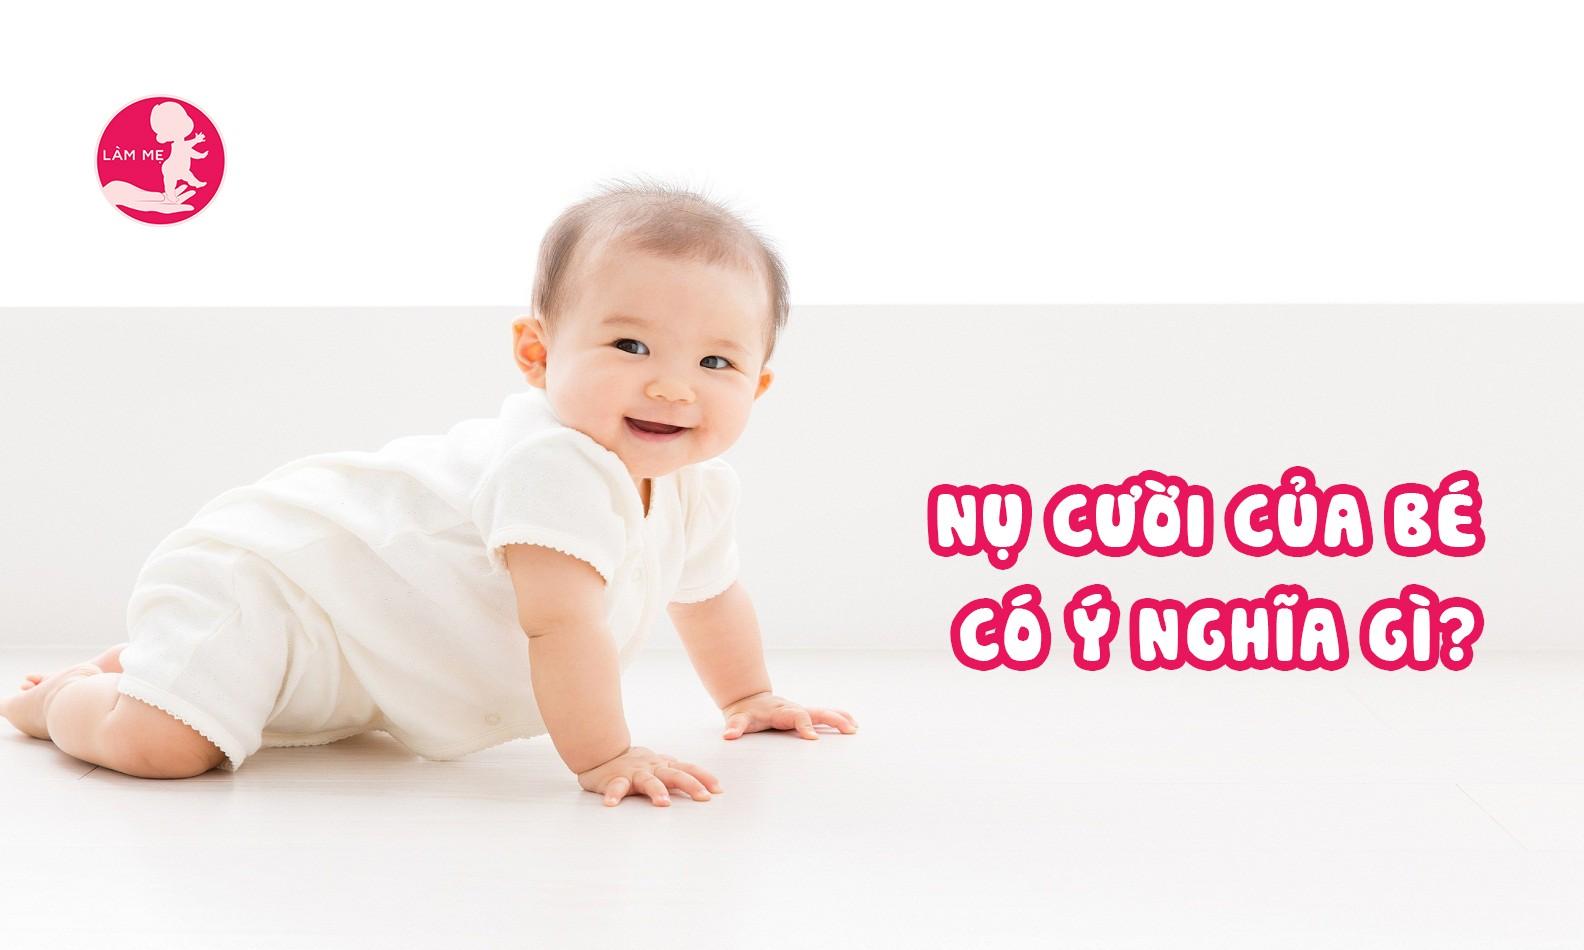 Mẹ có biết ý nghĩa nụ cười của bé từ 0 đến 12 tháng tuổi?